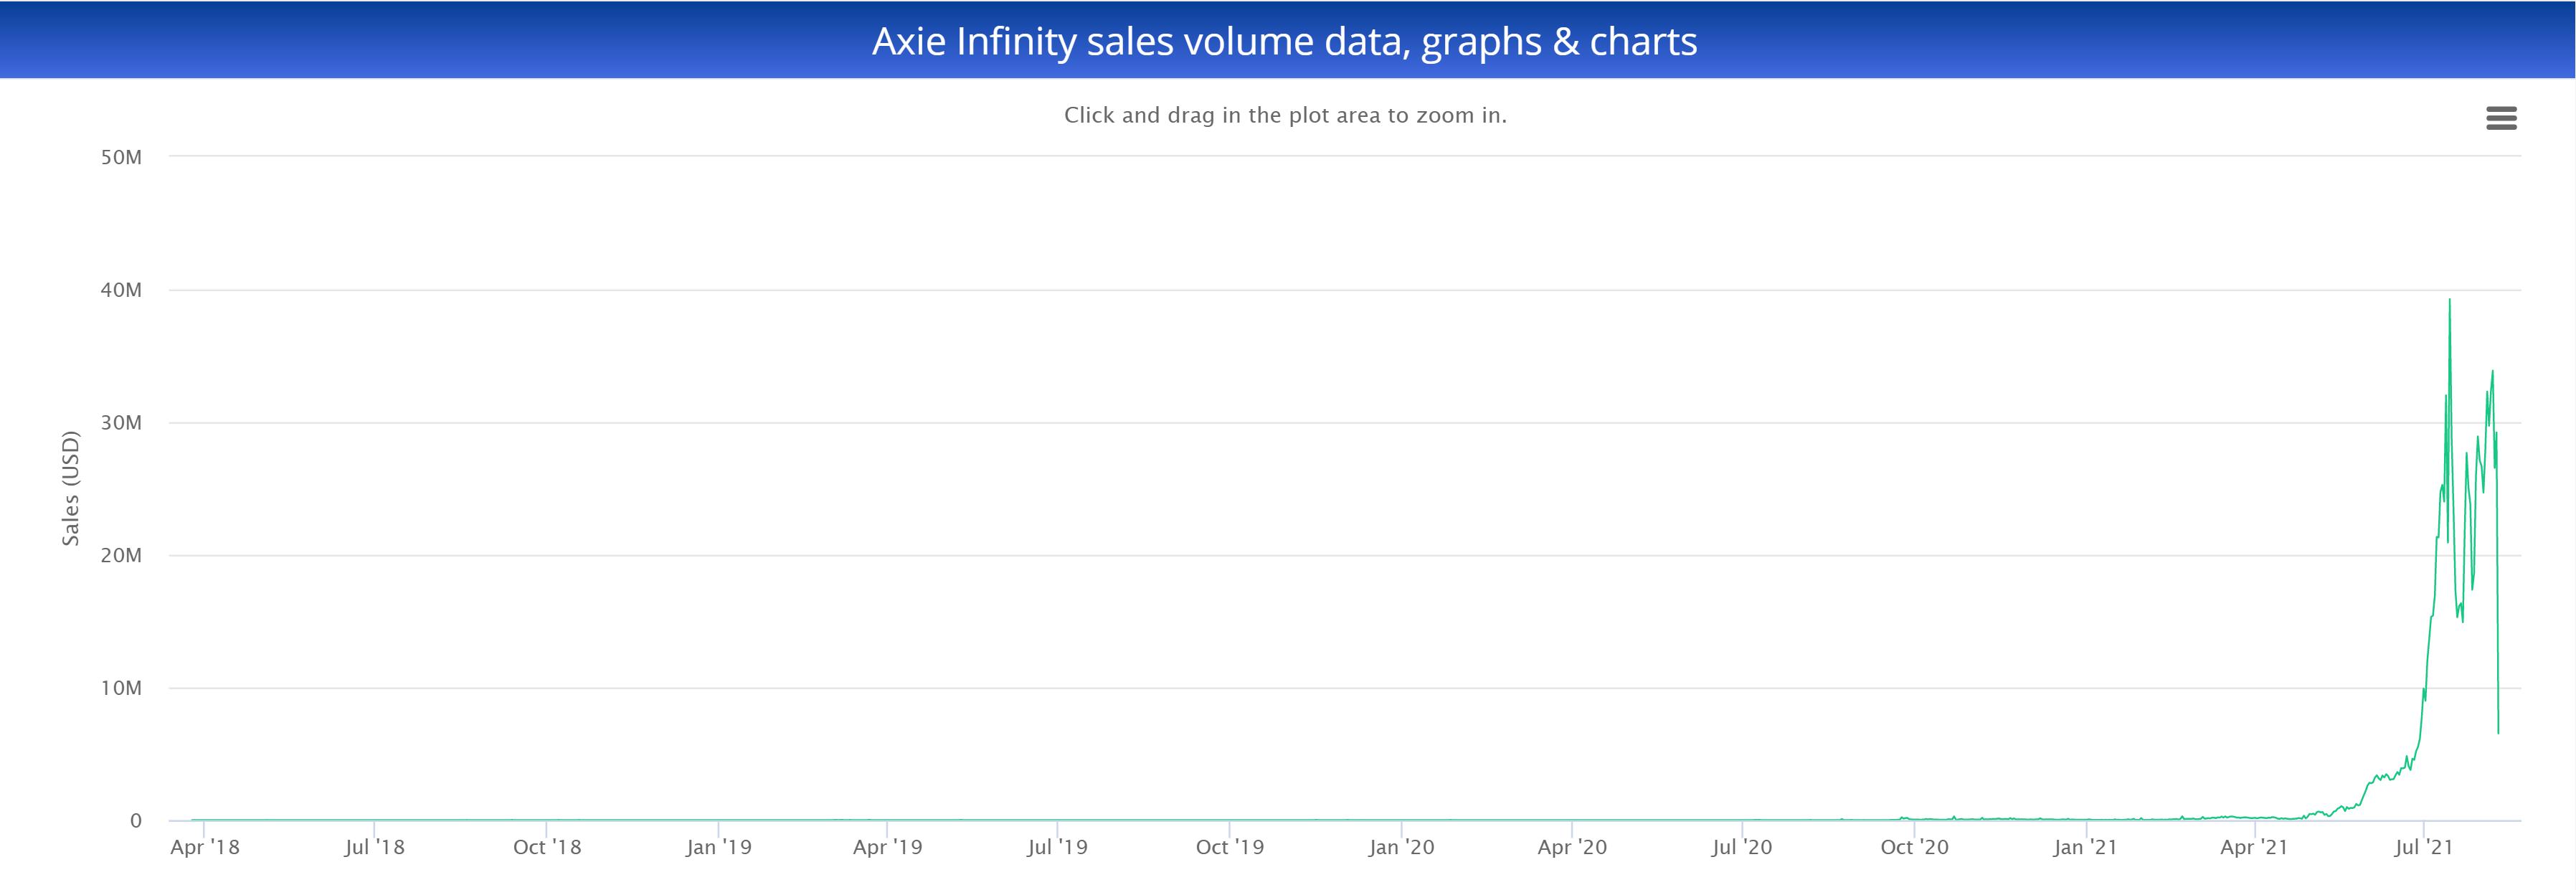 Axie Infinity (AXS) sales volume